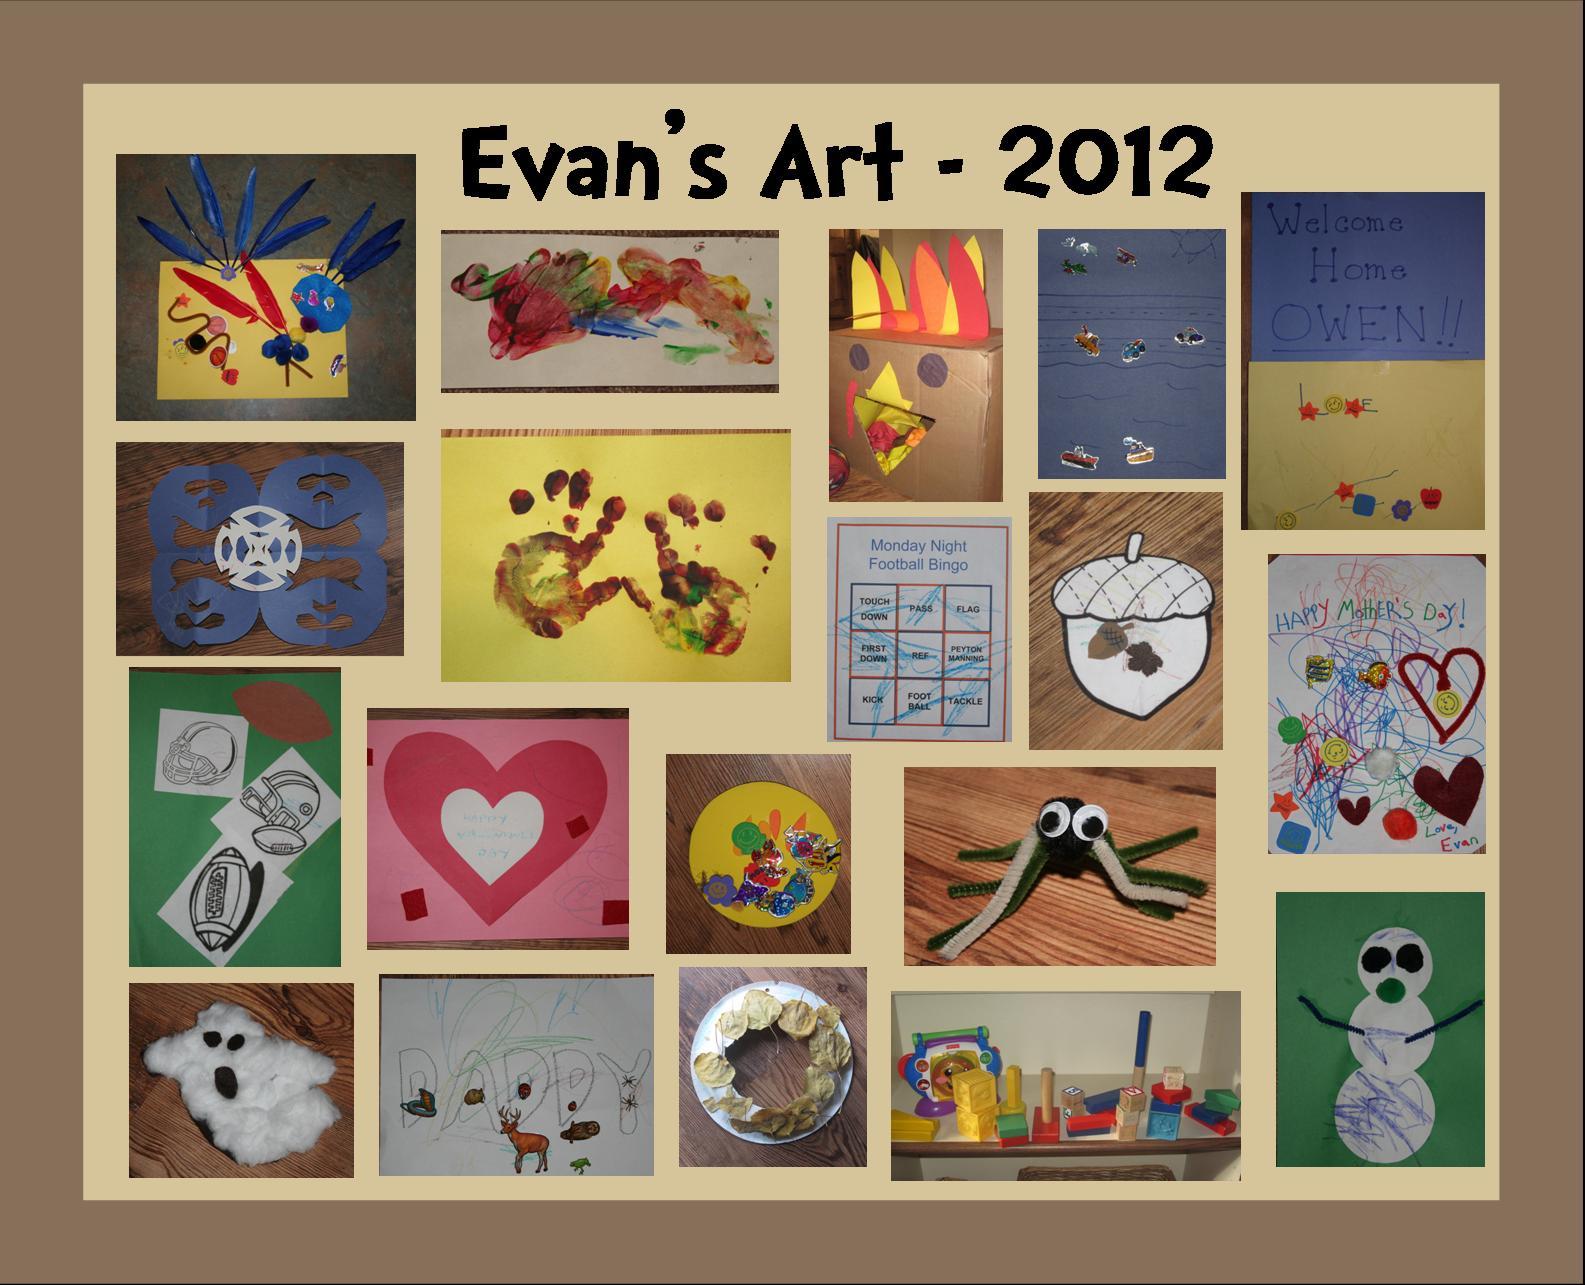 Evan's Art - 2012